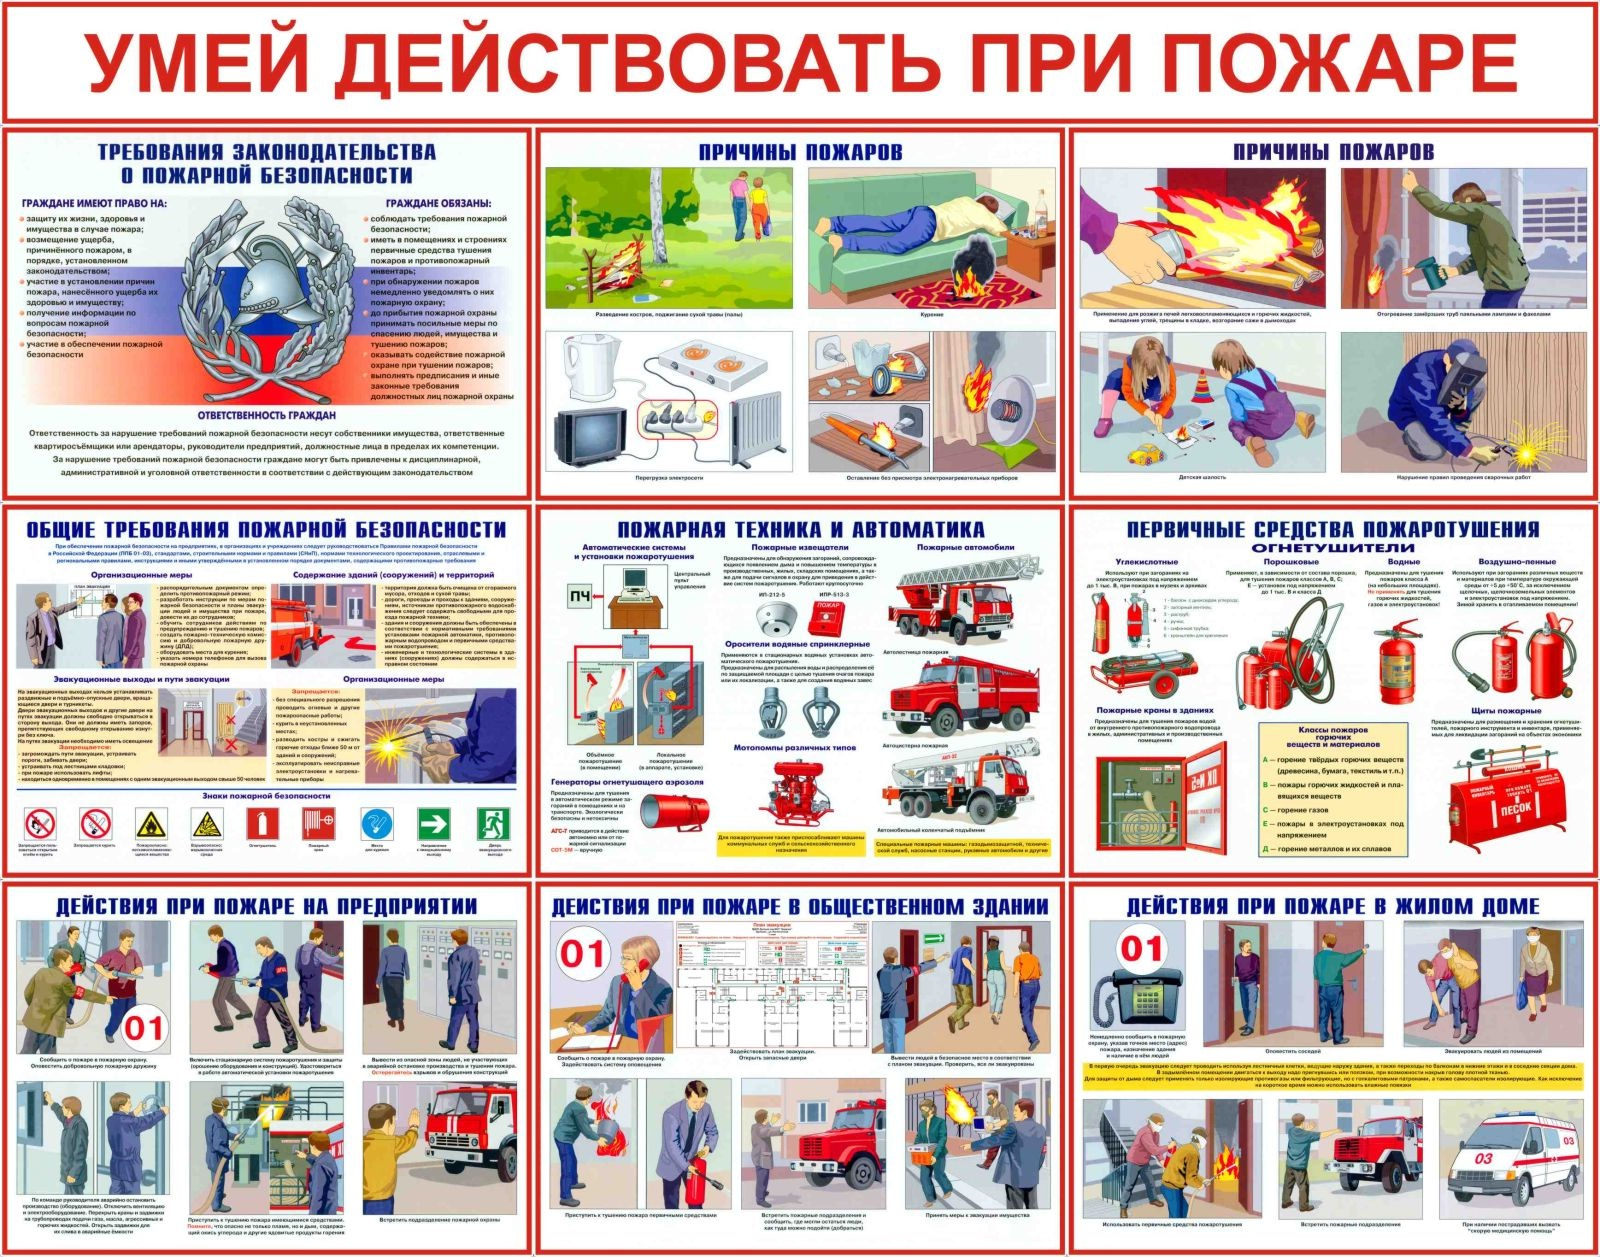 эксклюзивный правила пожарной безопасности в рентгенах лучше